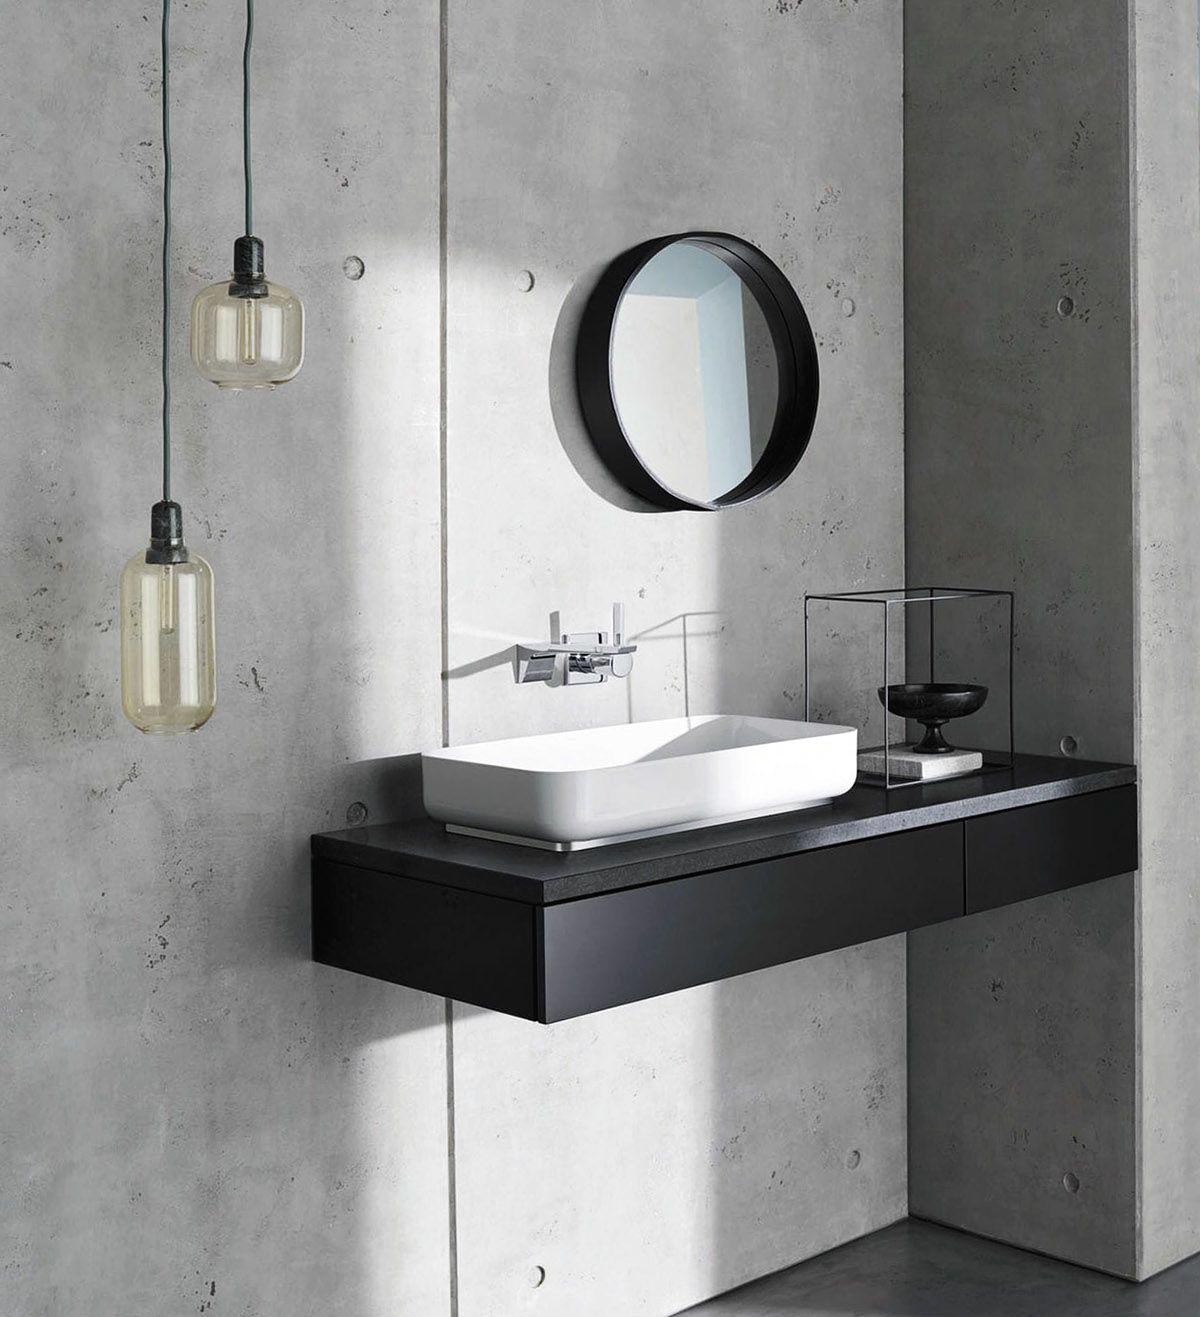 Bagni moderni di design. Il piacere del lusso | LOVEThESIGN